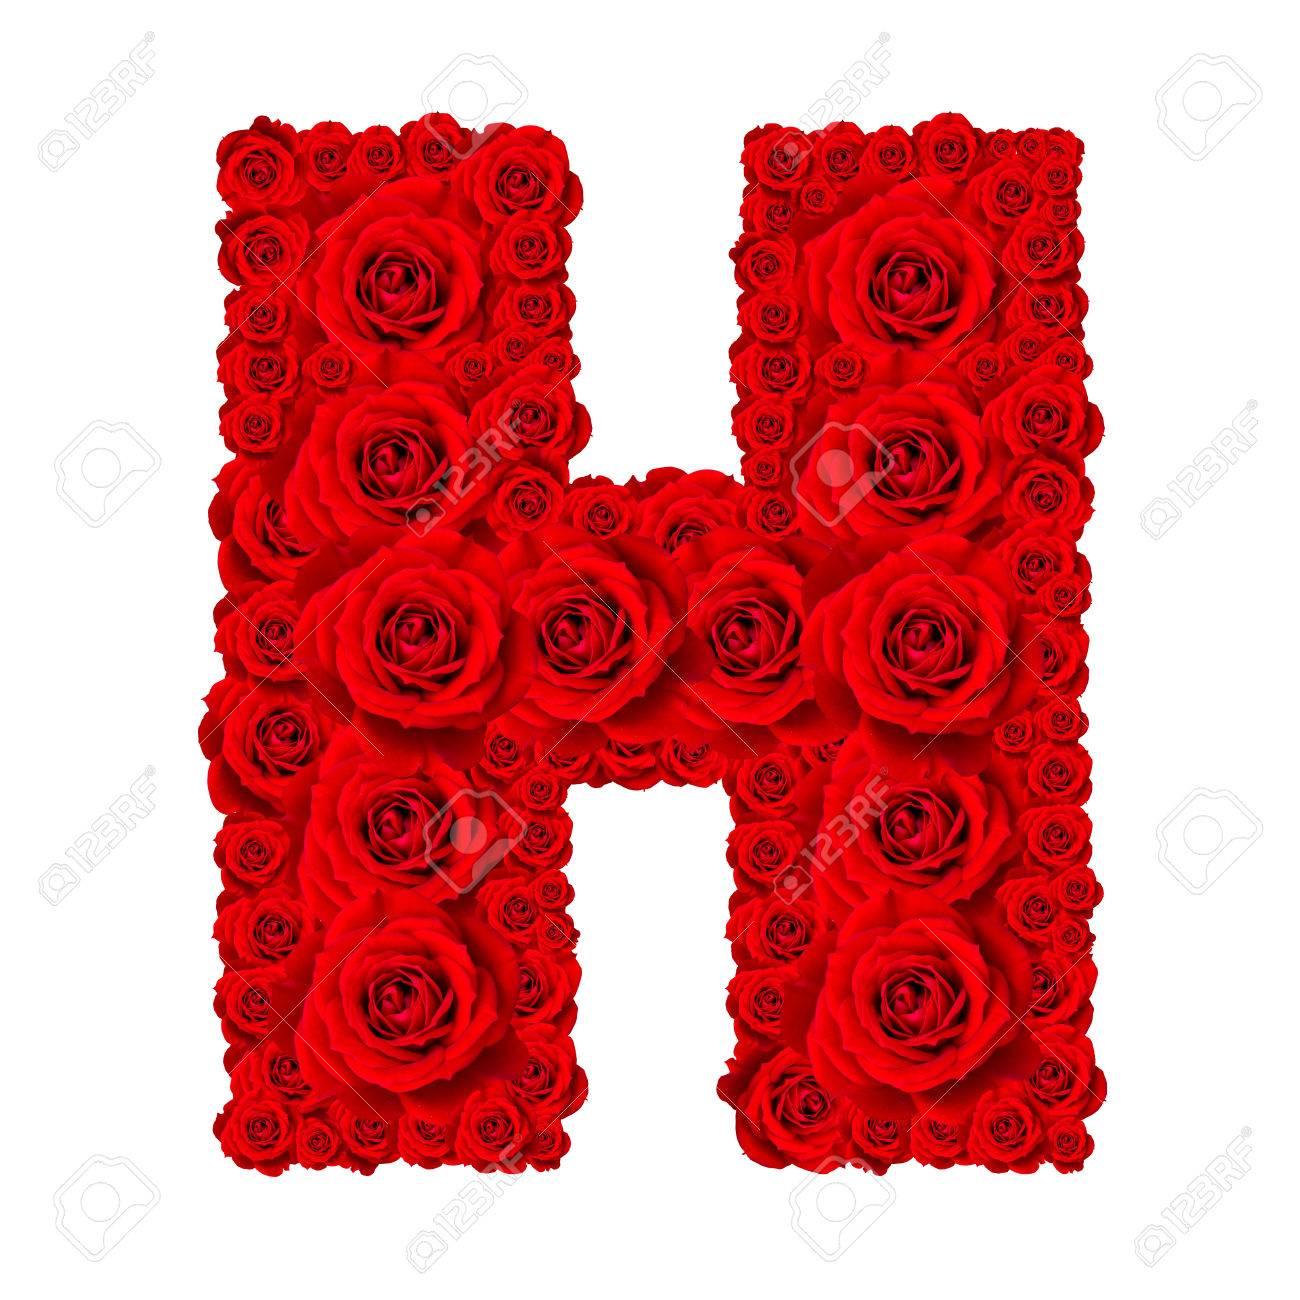 بالصور خلفيات حرف h , صور خلفيات للاسماء تبداء بحرف H 1500 4